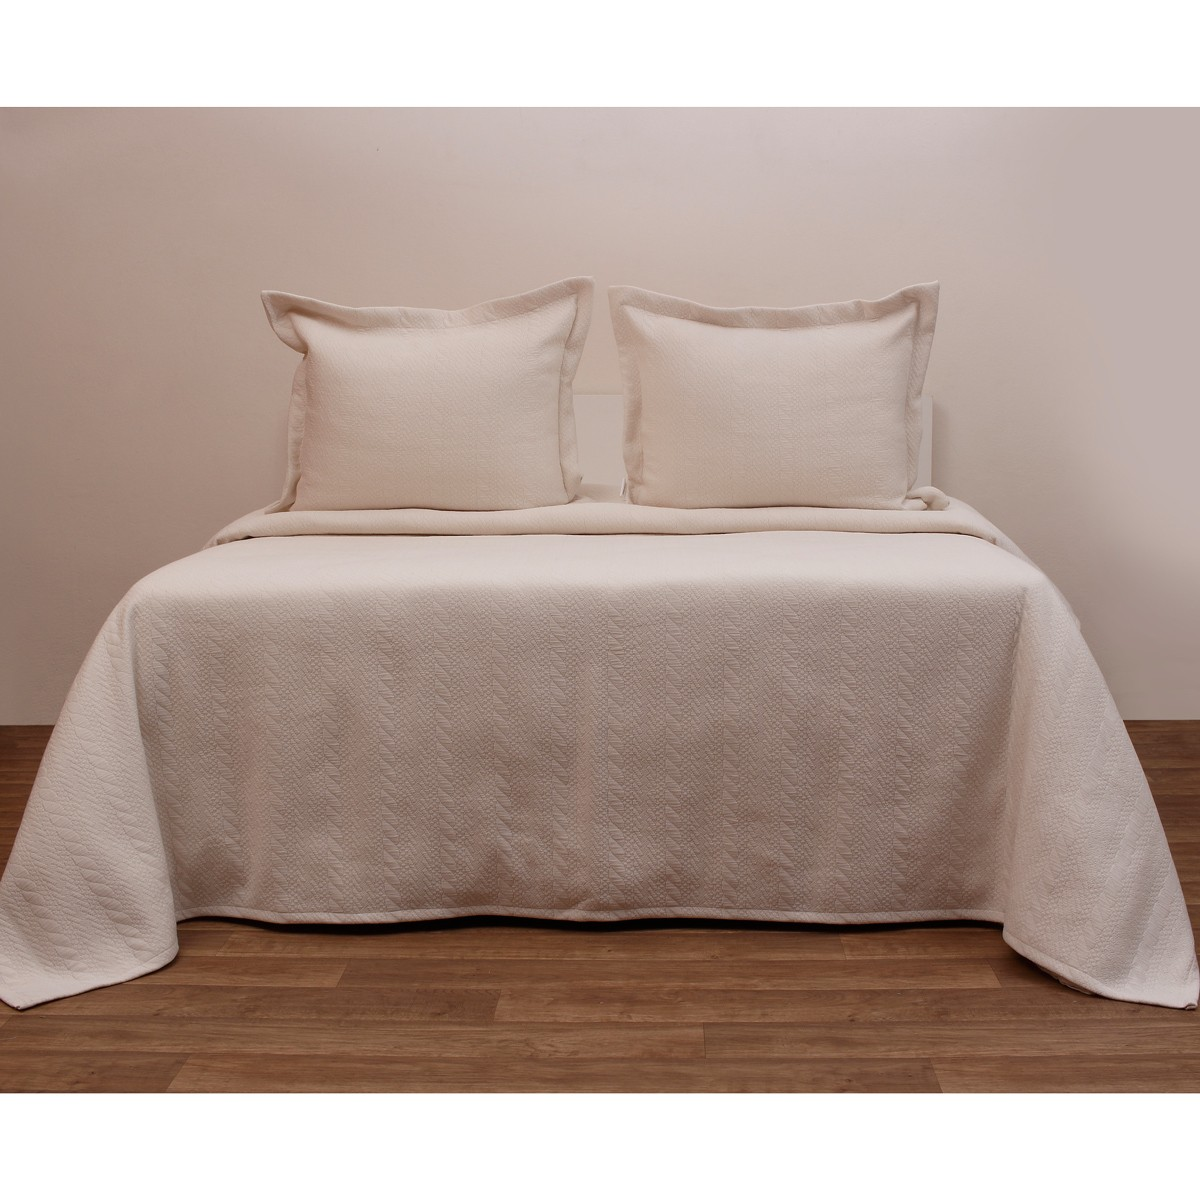 Κουβερτόριο Υπέρδιπλο Anna Riska Karen Ivory home   κρεβατοκάμαρα   κουβέρτες   κουβέρτες καλοκαιρινές υπέρδιπλες